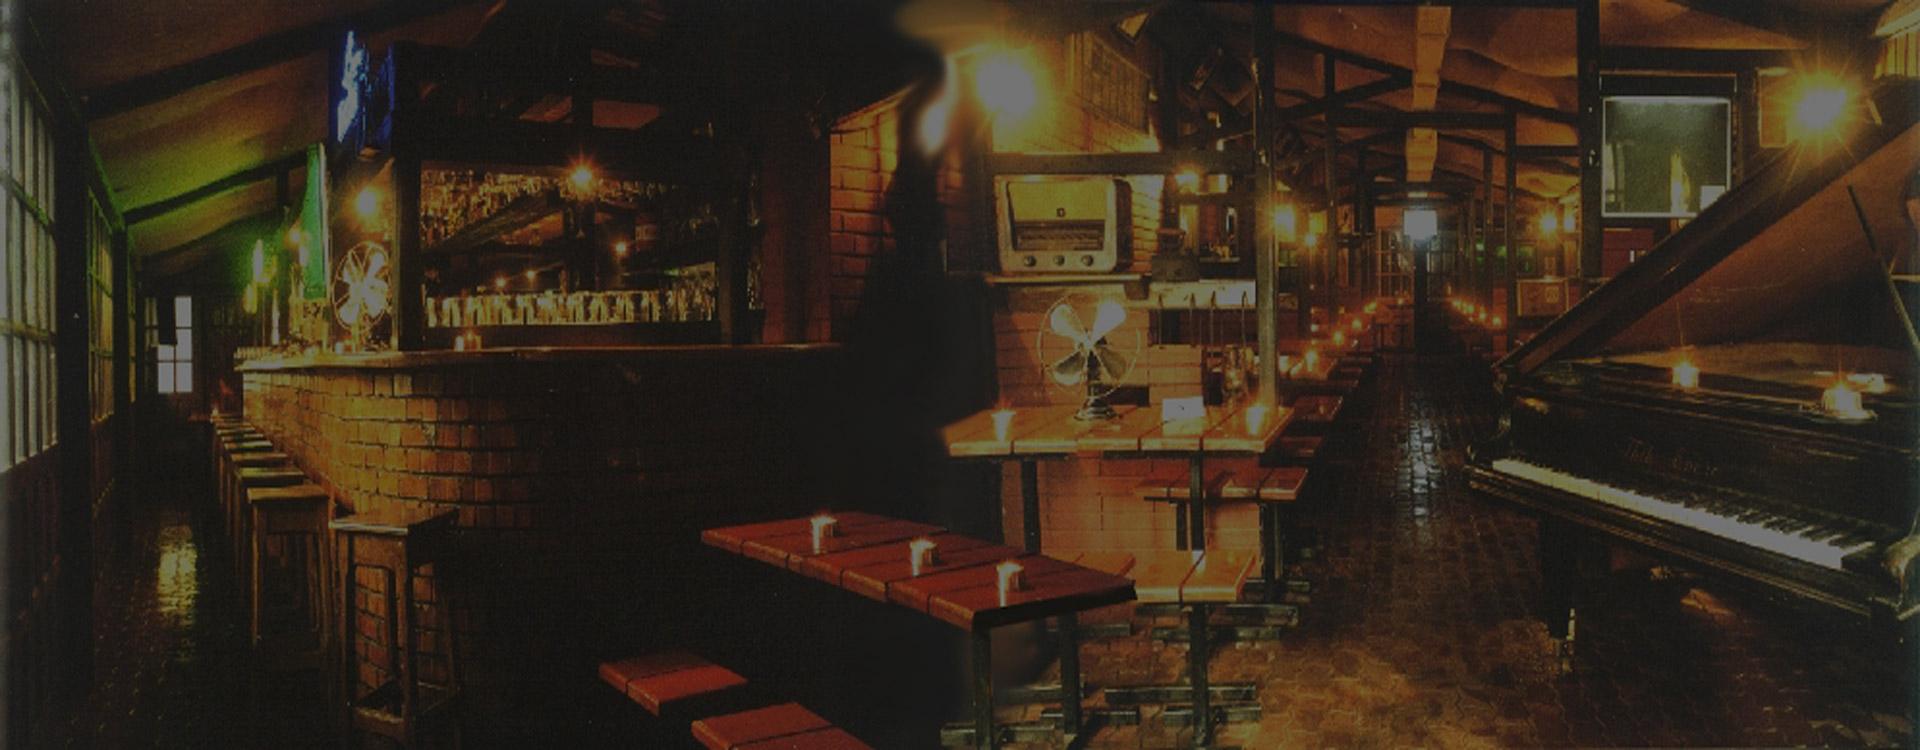 Interior Pub18